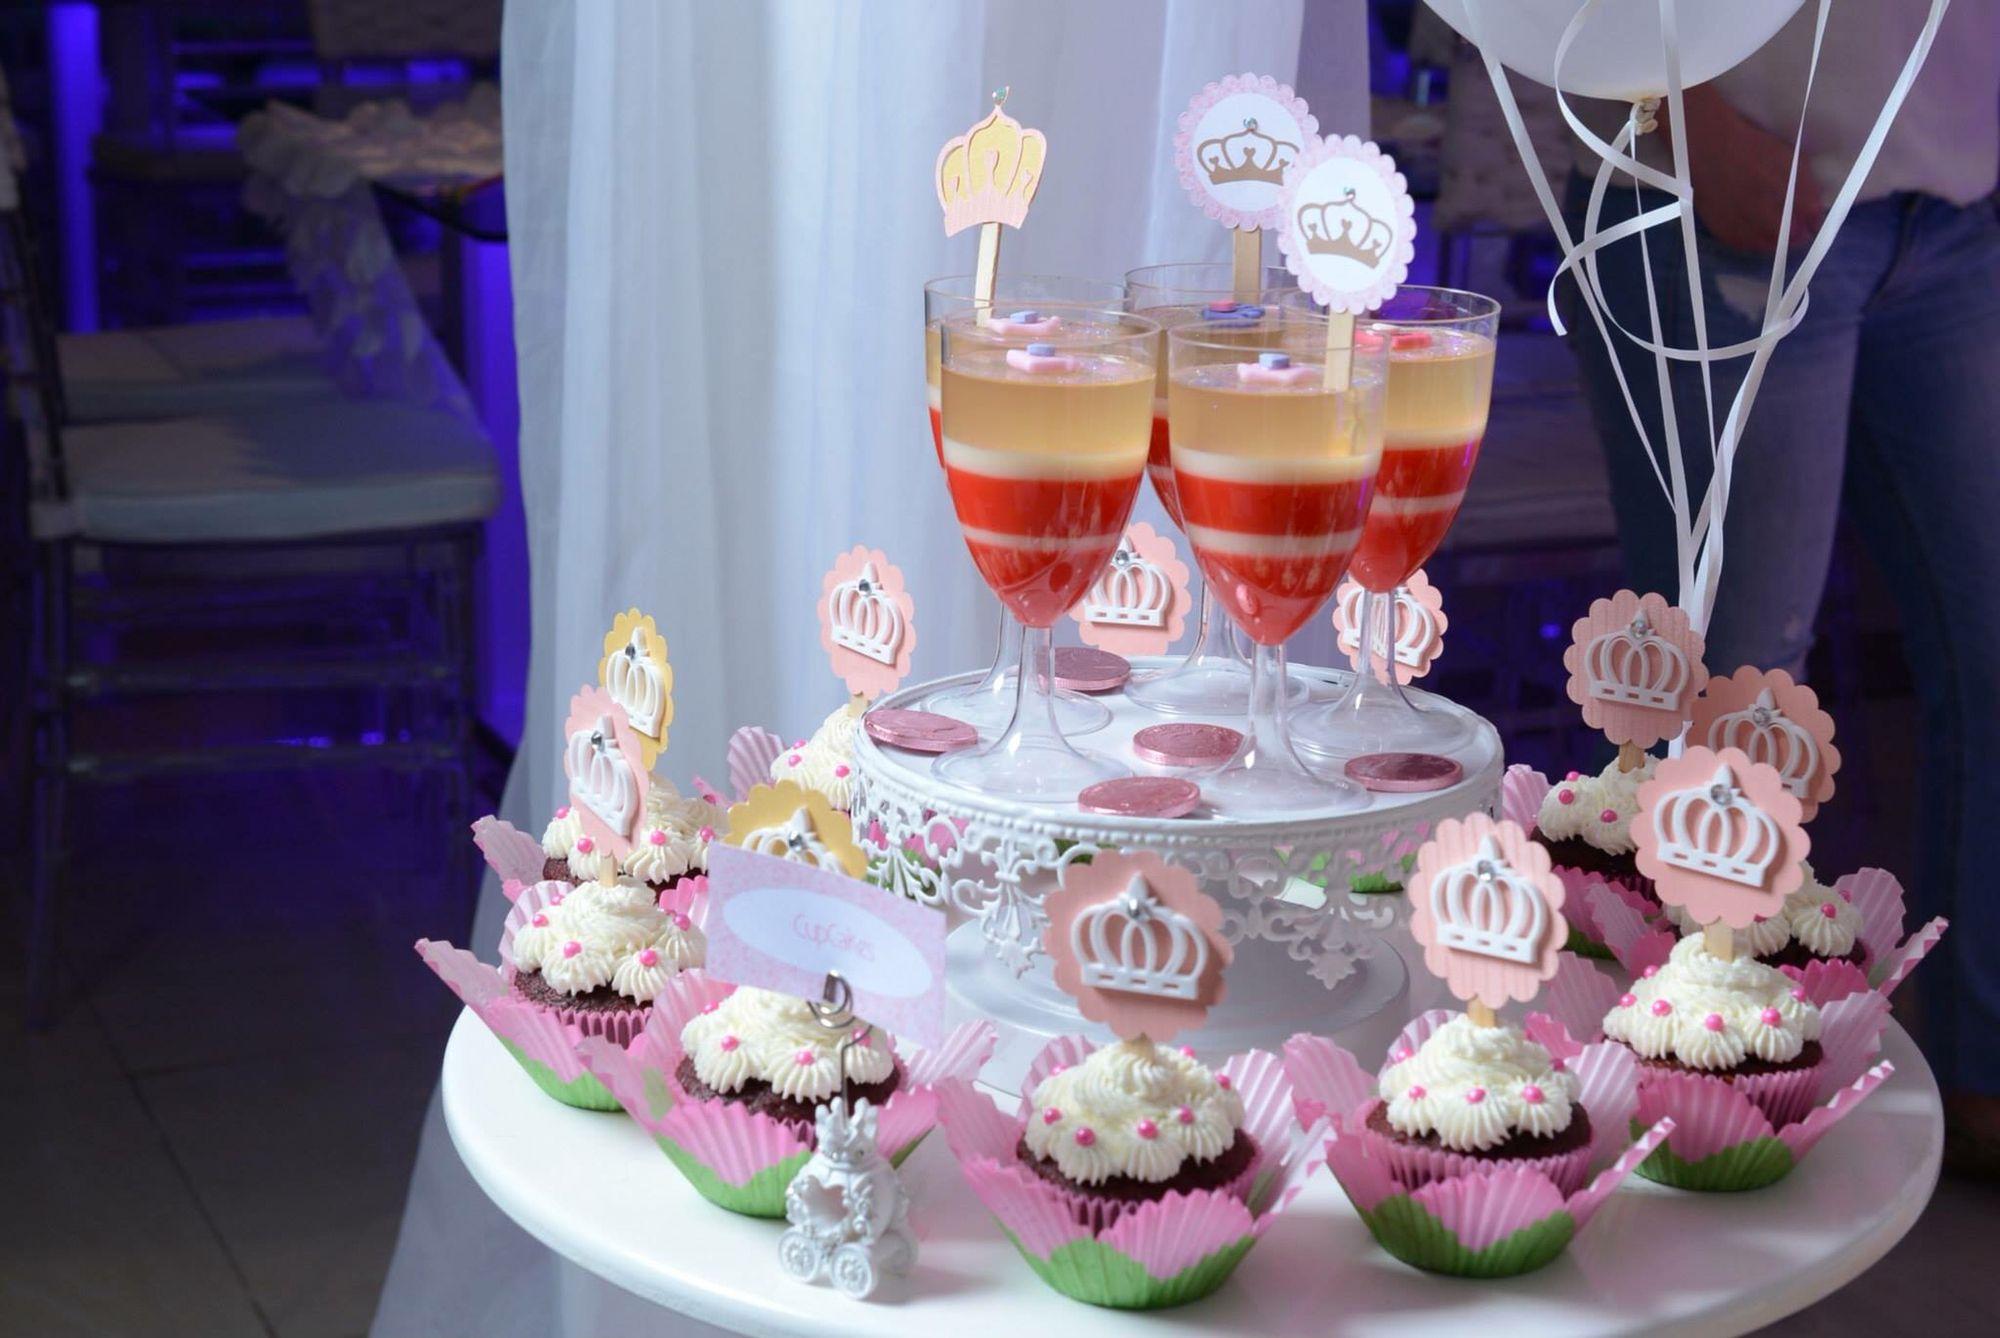 Gelatinas y cupcakes